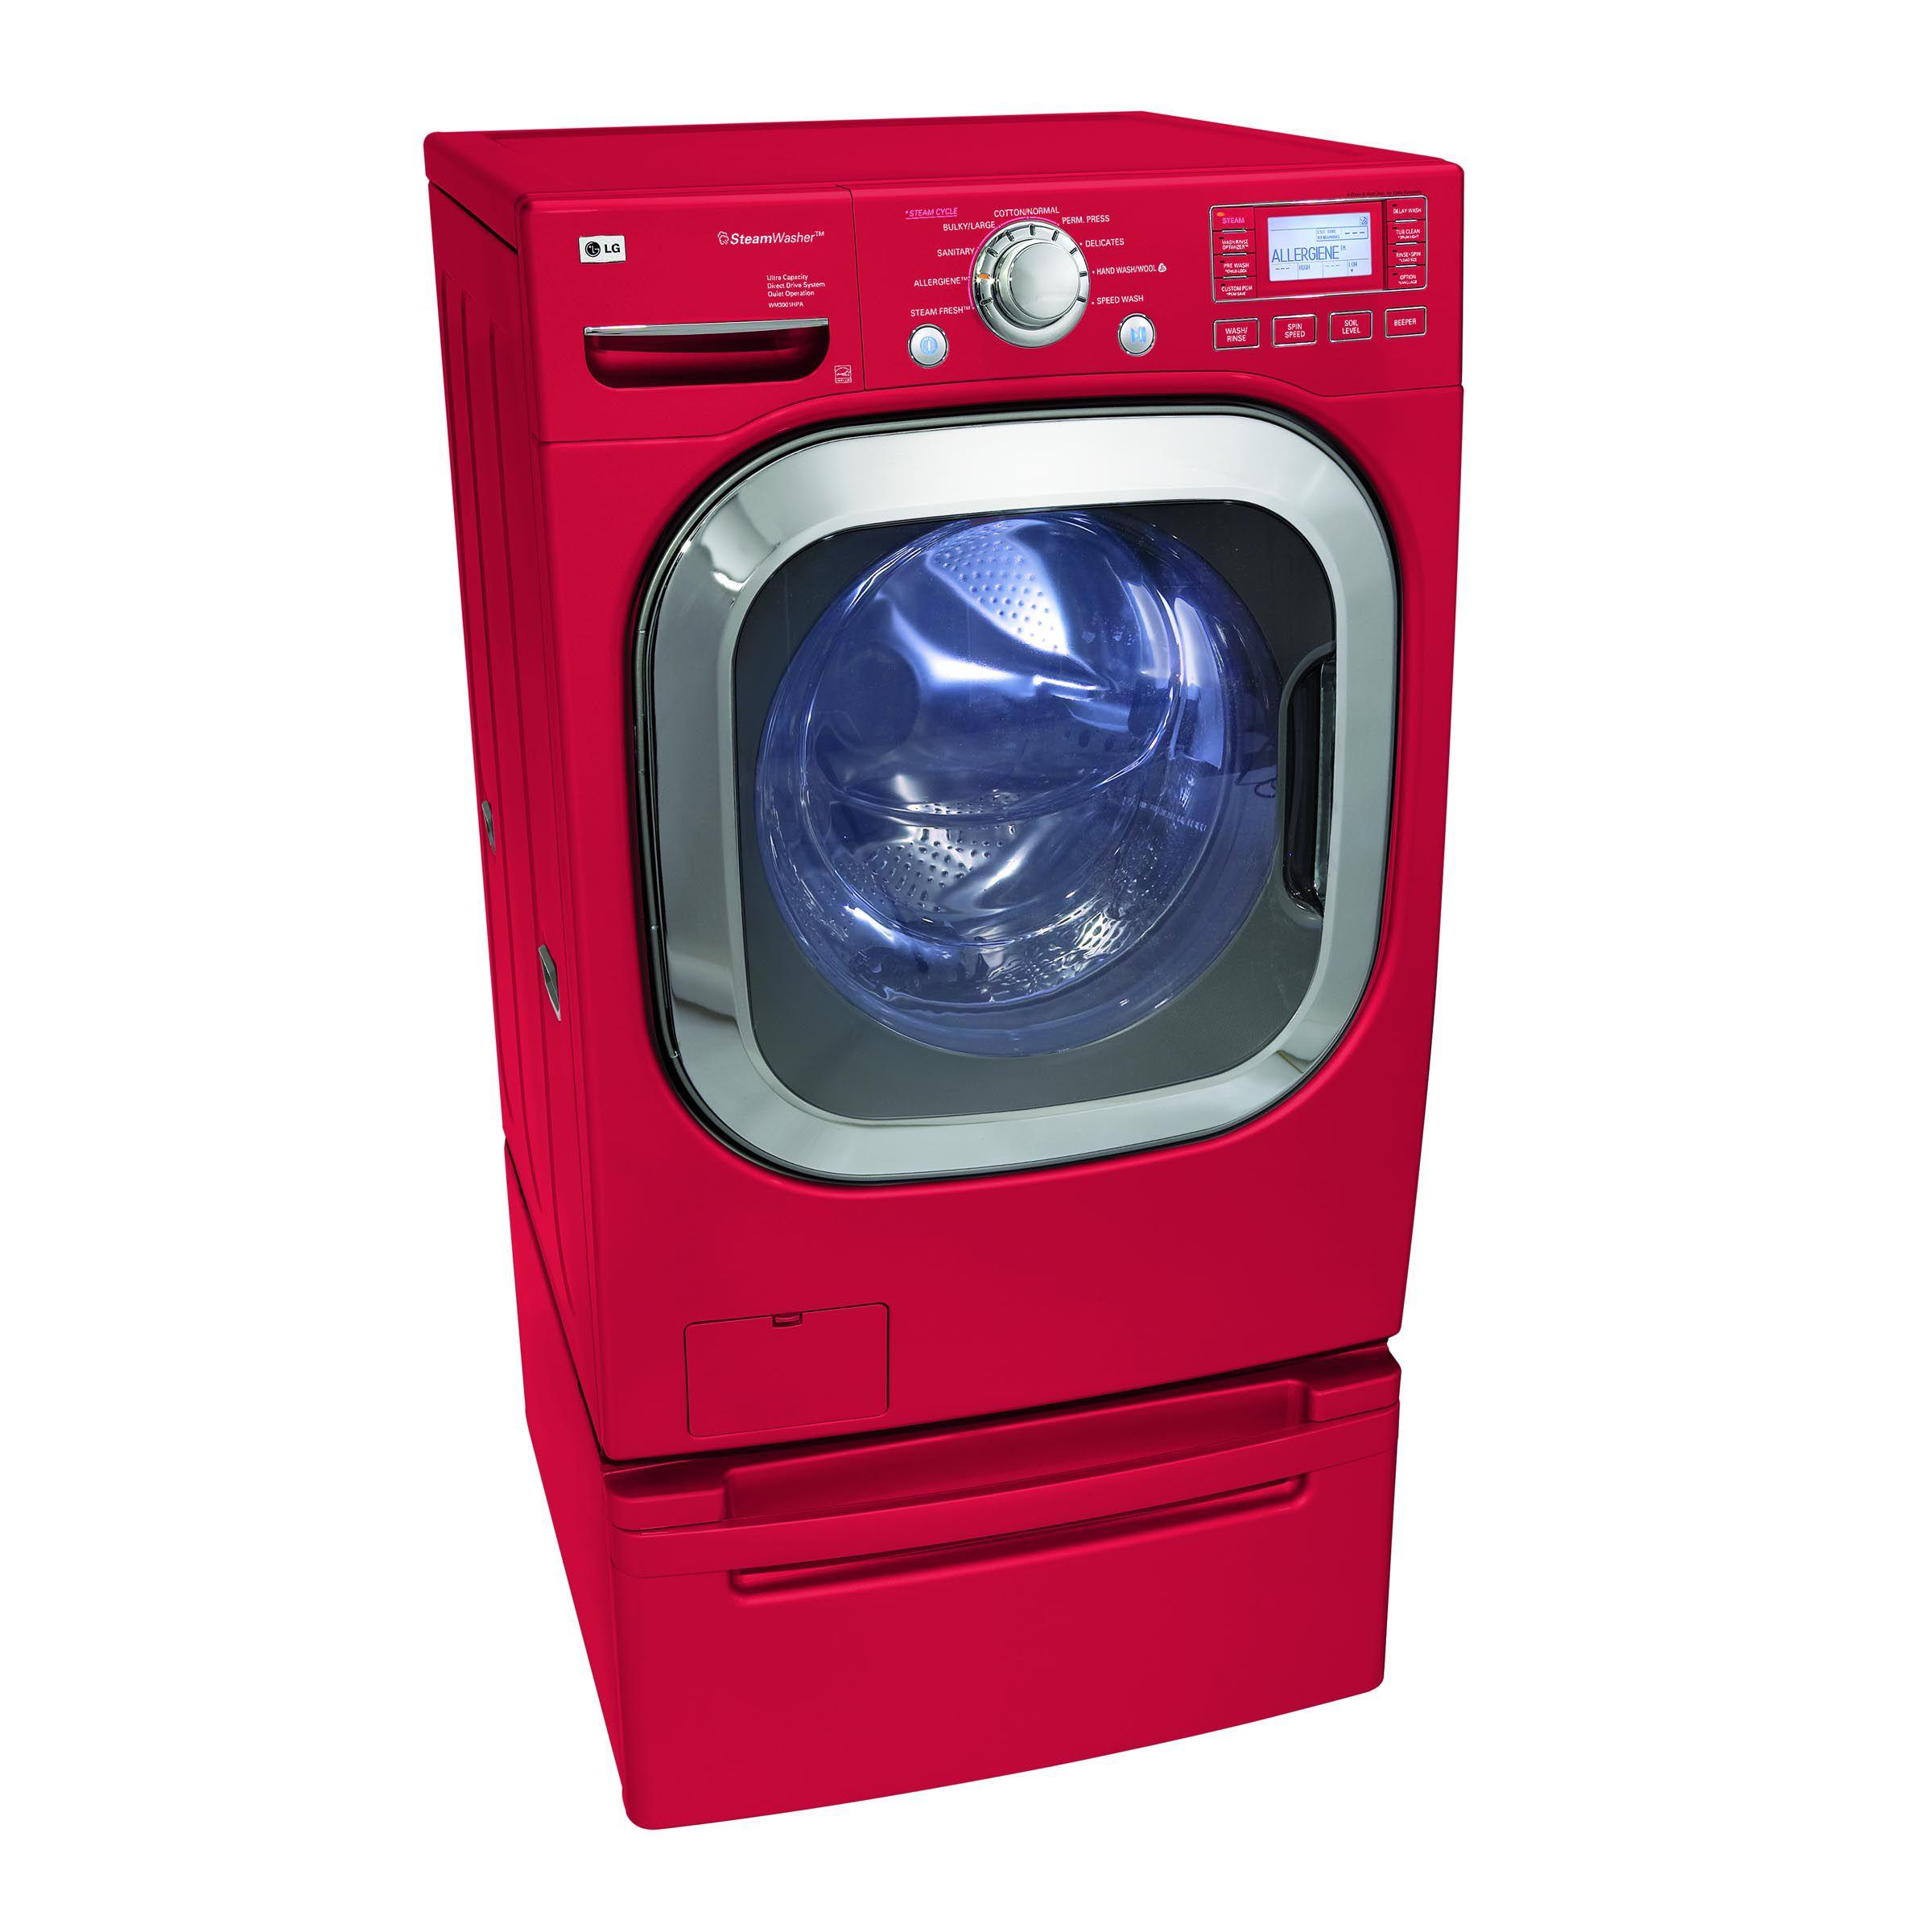 LG 4.5 cu. ft. SteamWasher™ w/ TrueBalance™ Anti-Vibration Technology Front-Load Washing Machine (WM3001H)